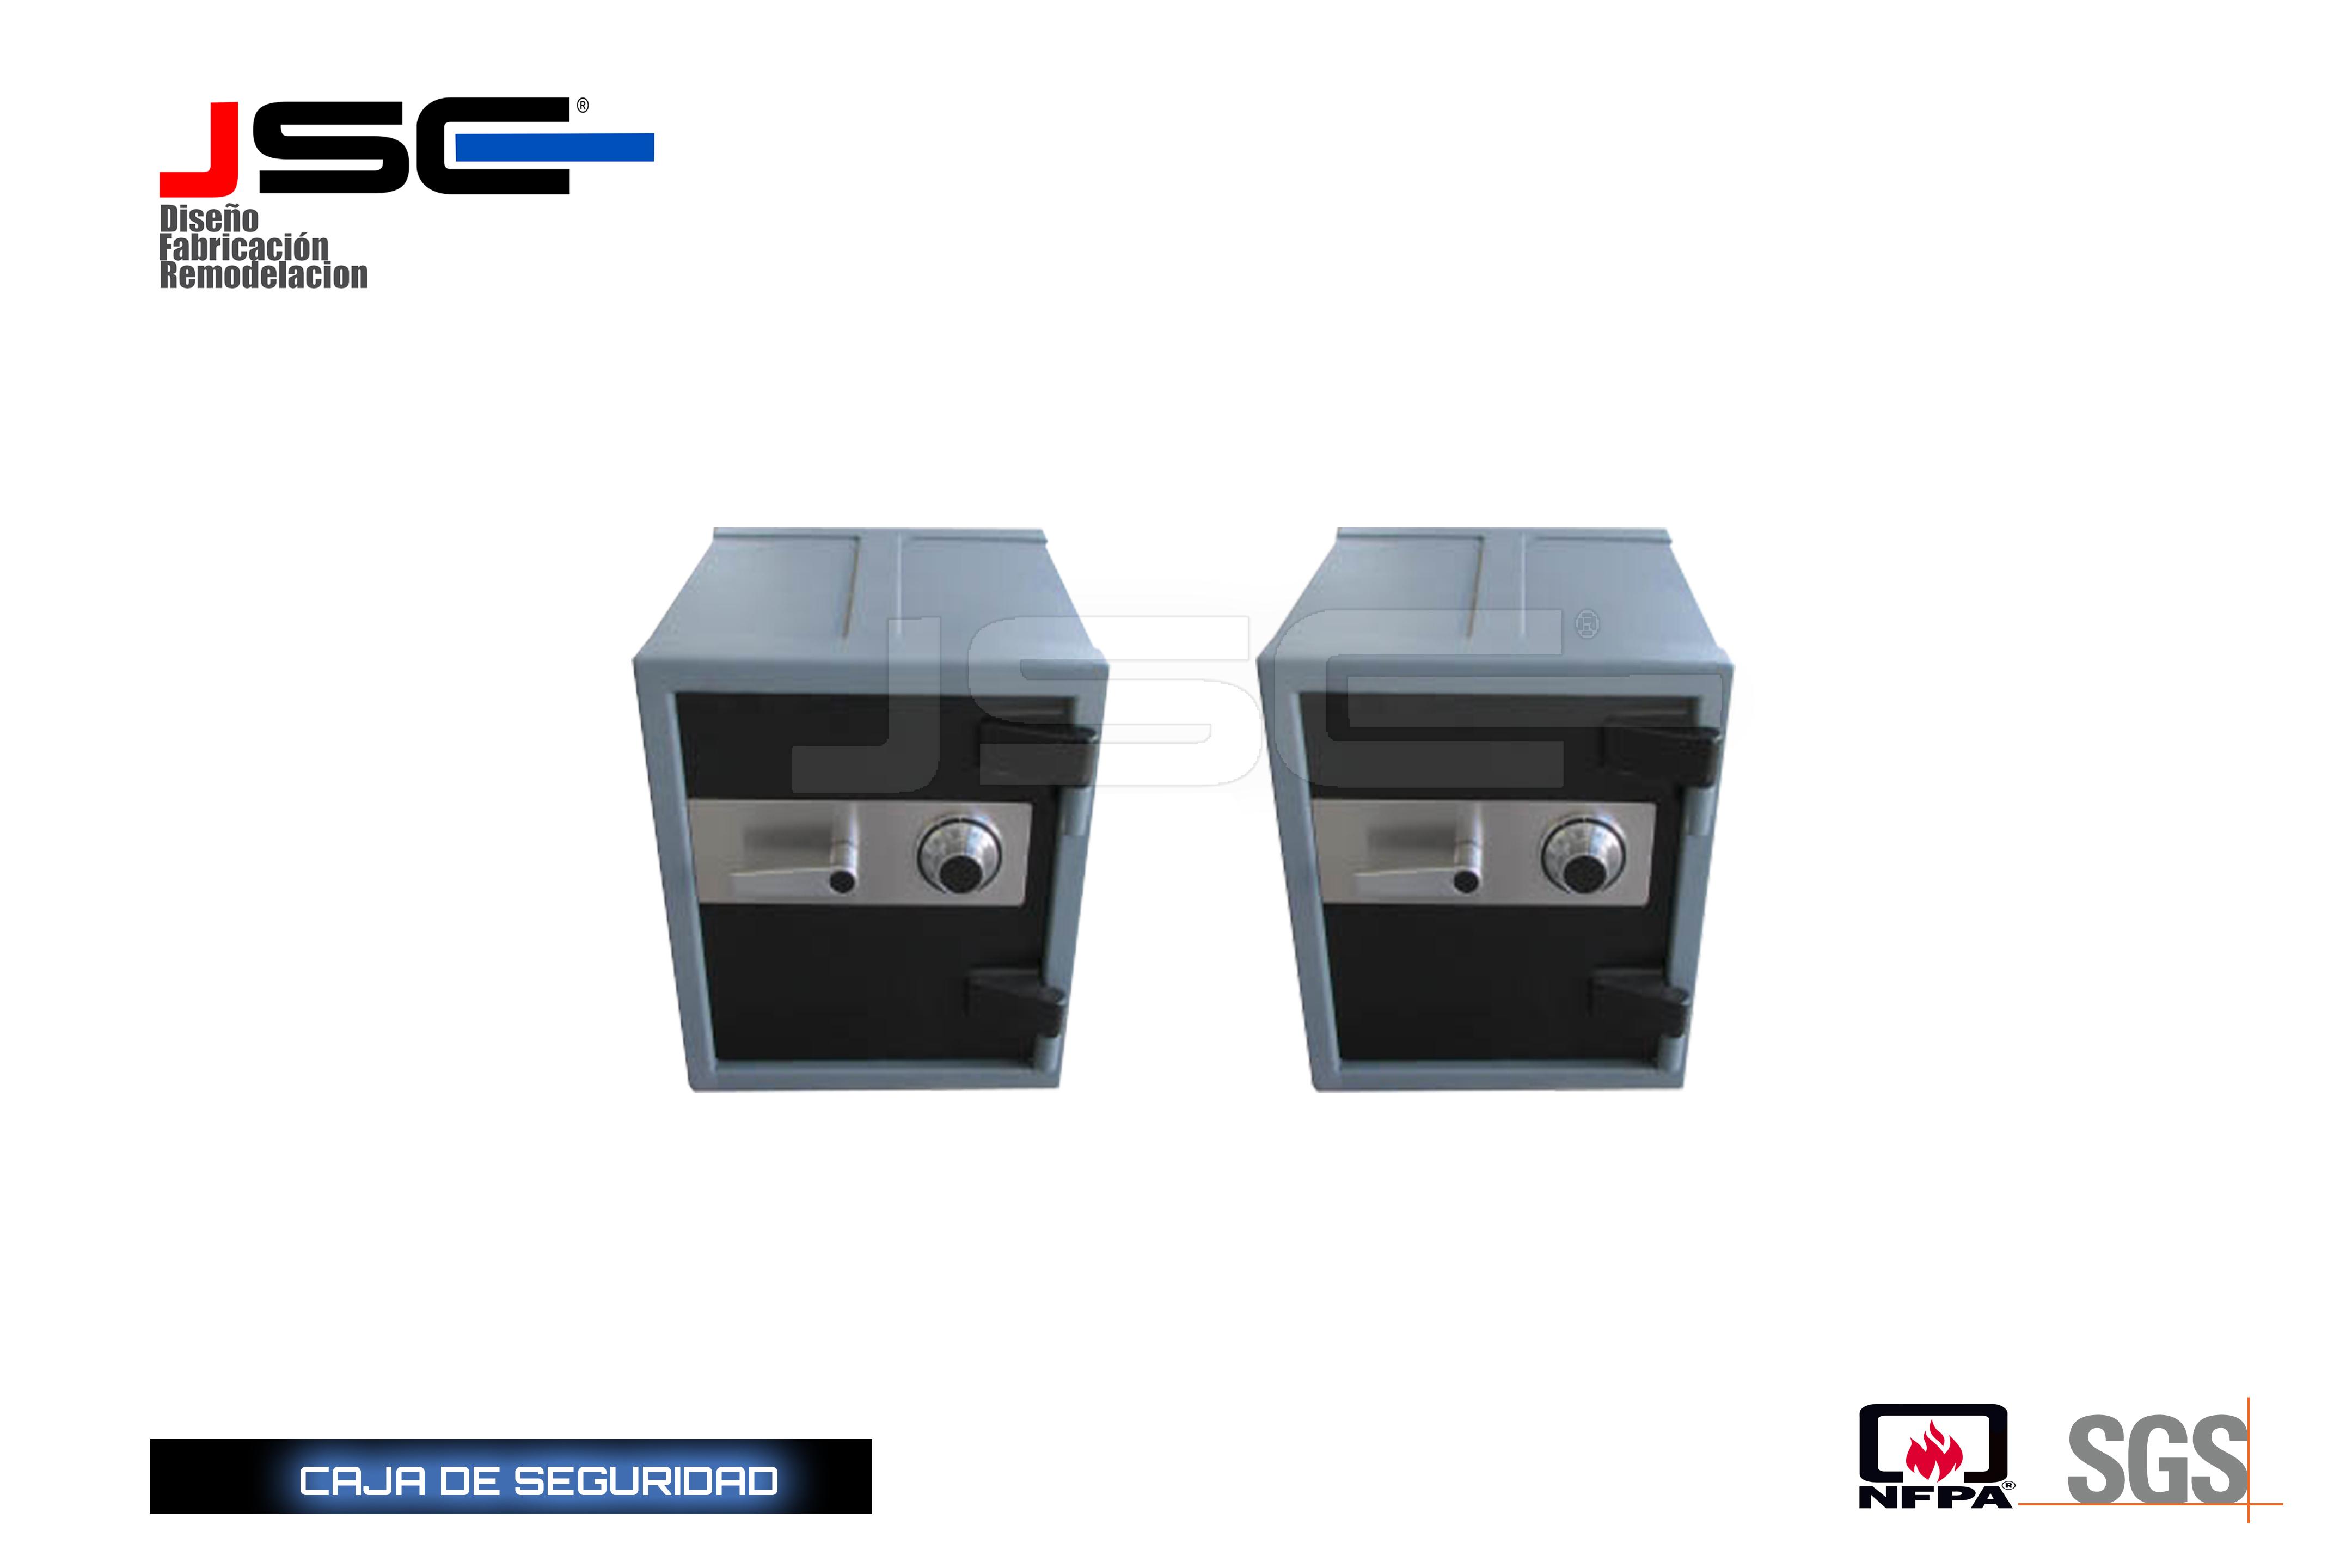 Caja de piso JSCP003